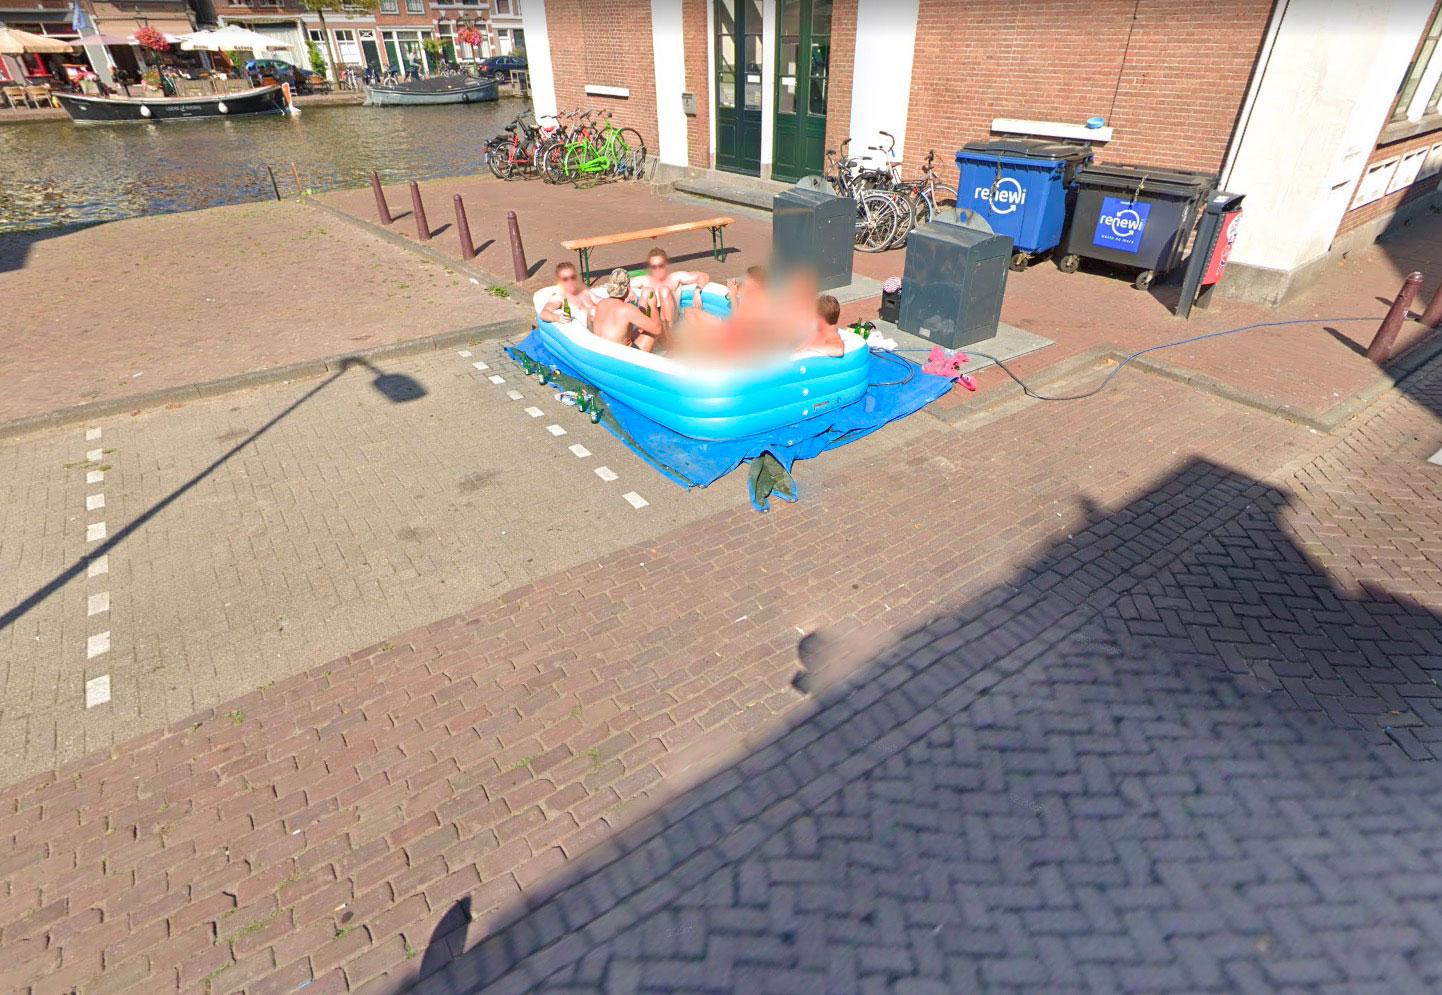 Quand il fait chaud, quoi de mieux qu'un bon bain en pleine ville ?